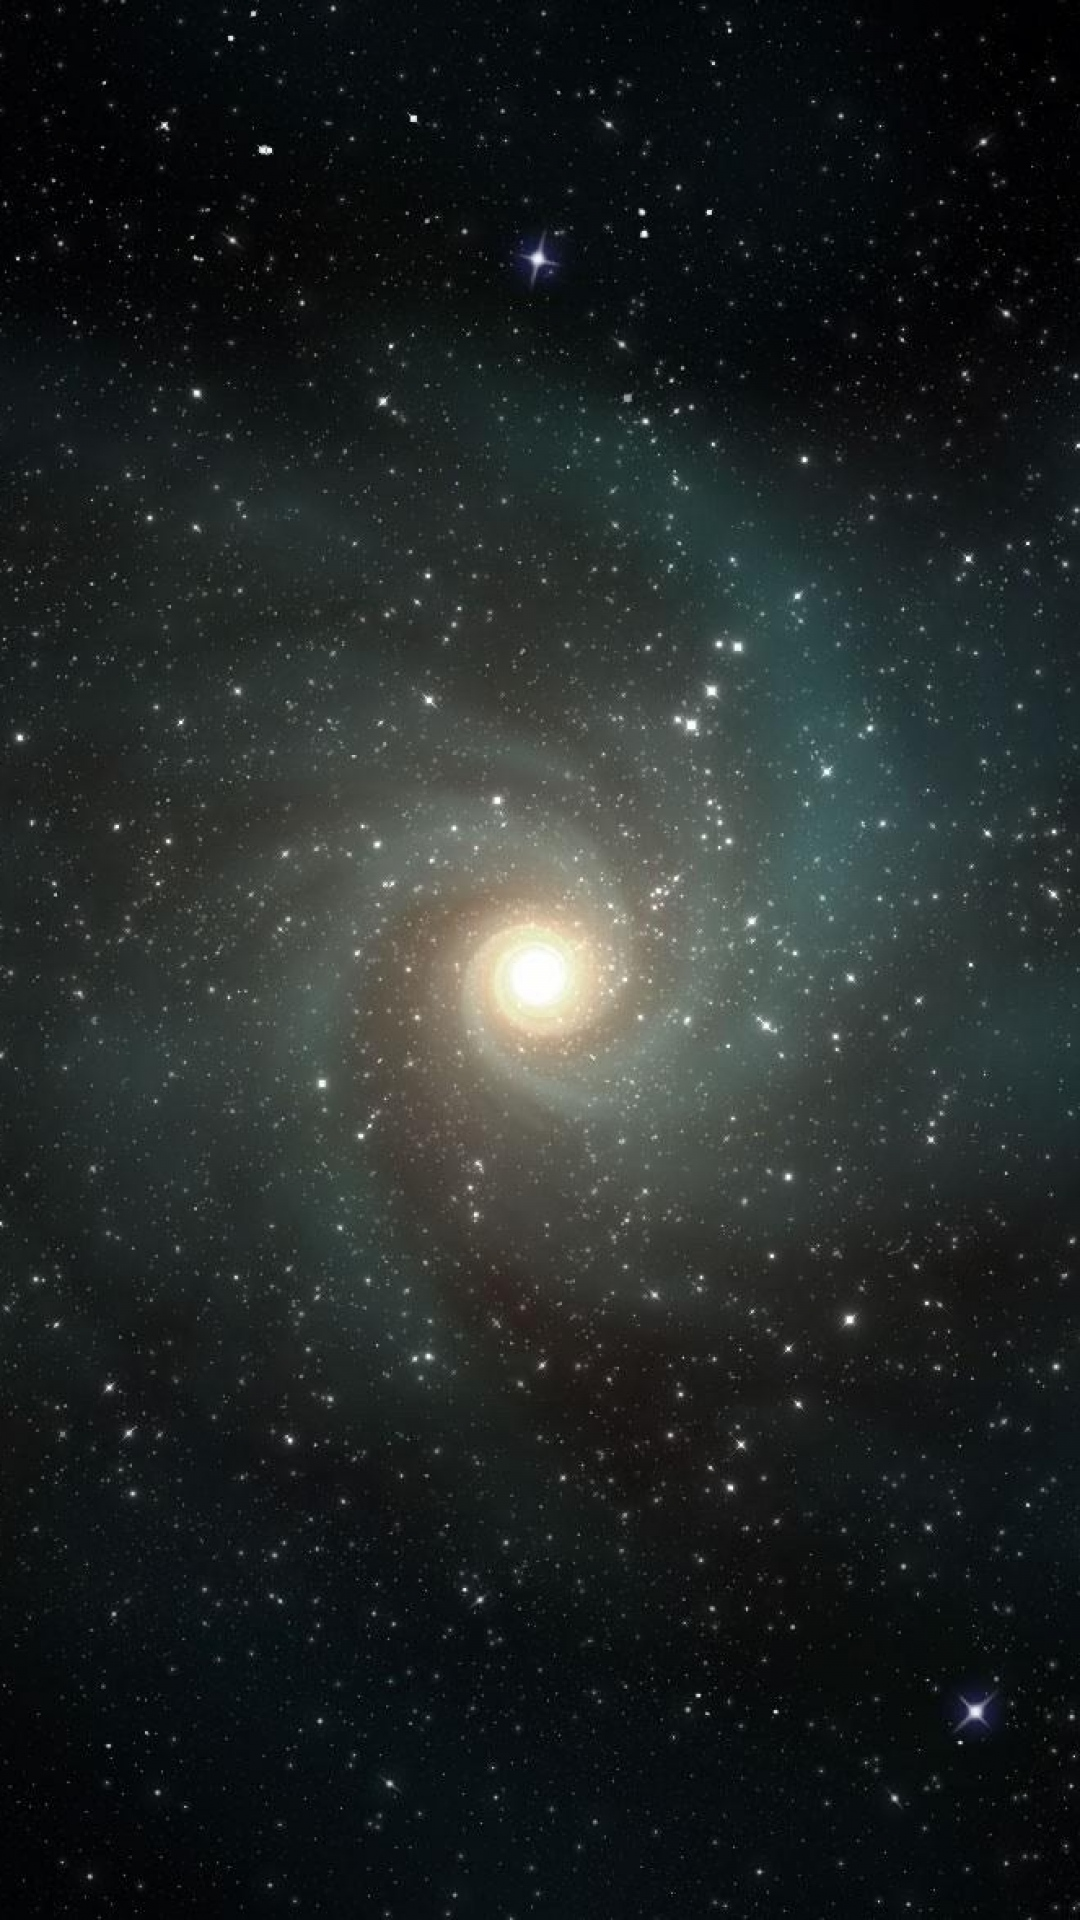 iphone wallpaper stars galaxies Stars